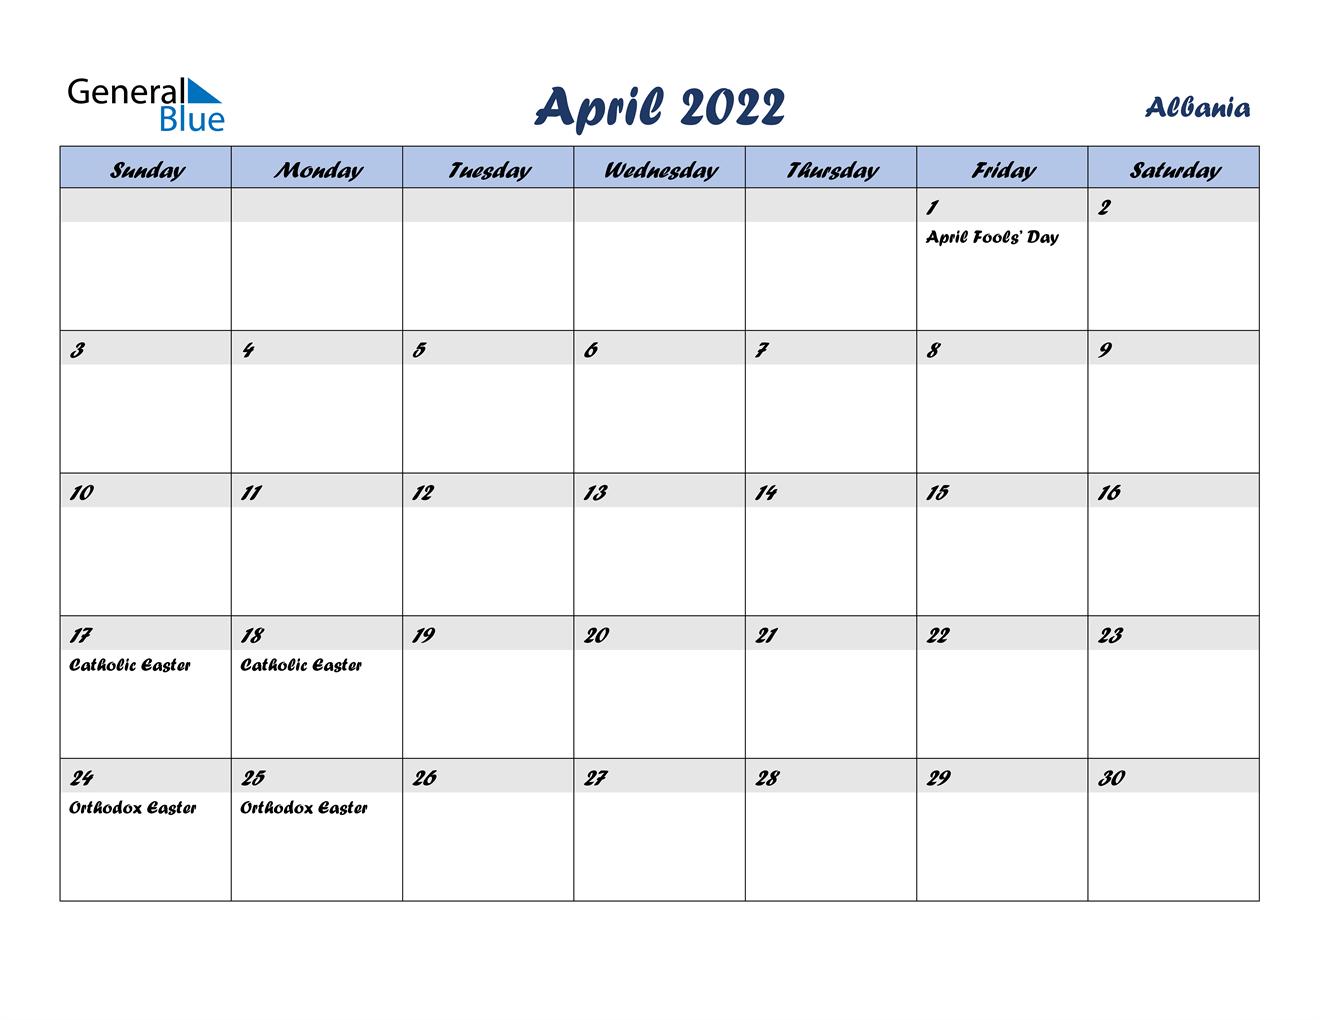 April 2022 Calendar - Albania